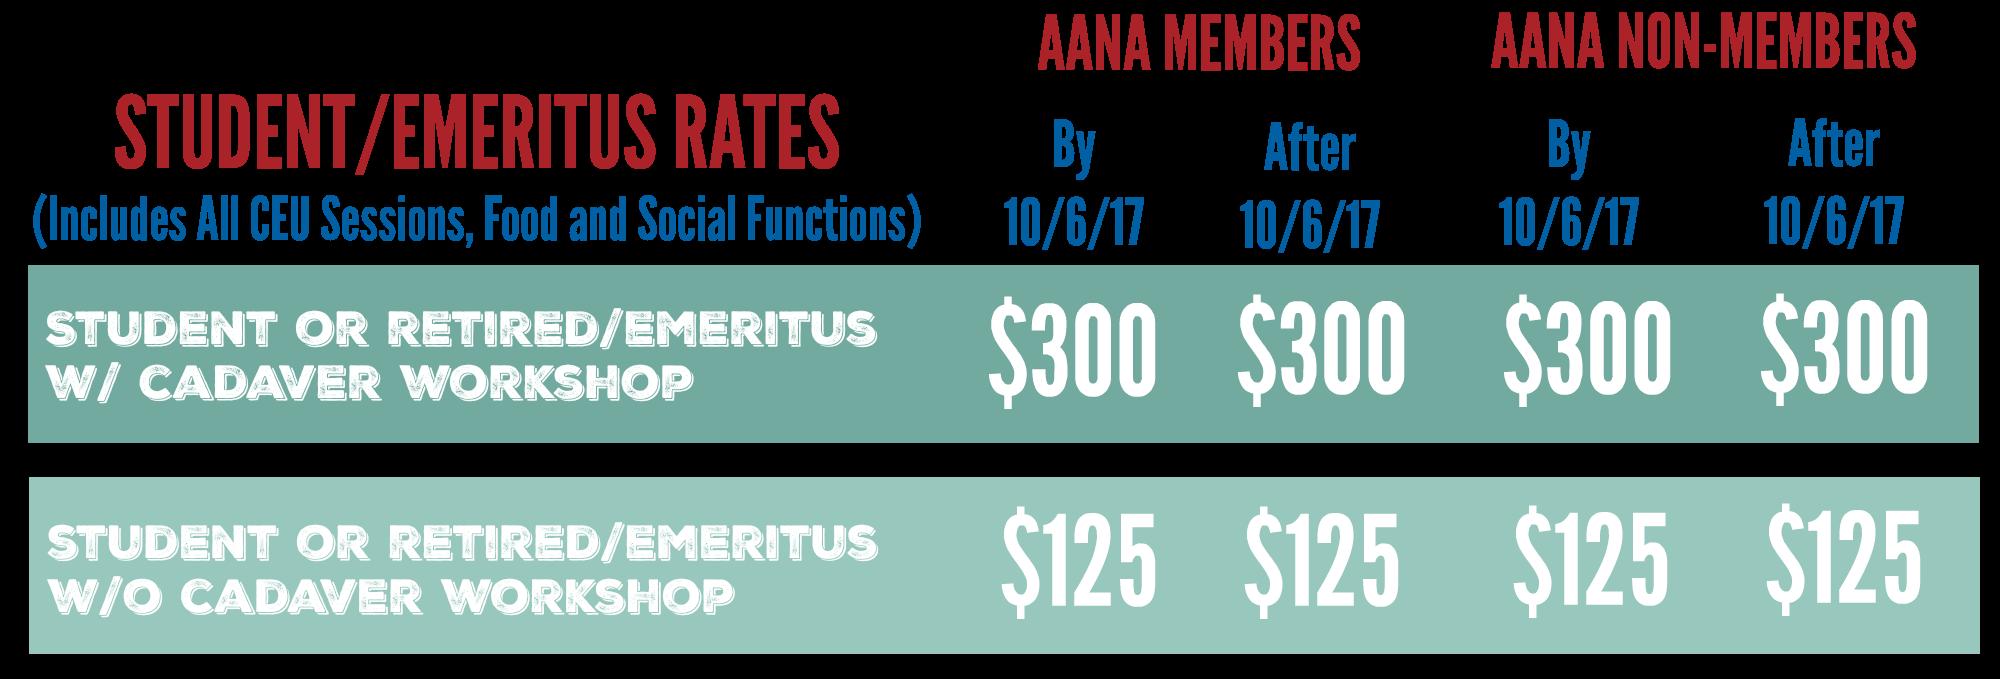 StudentEmeritus Annual Rates